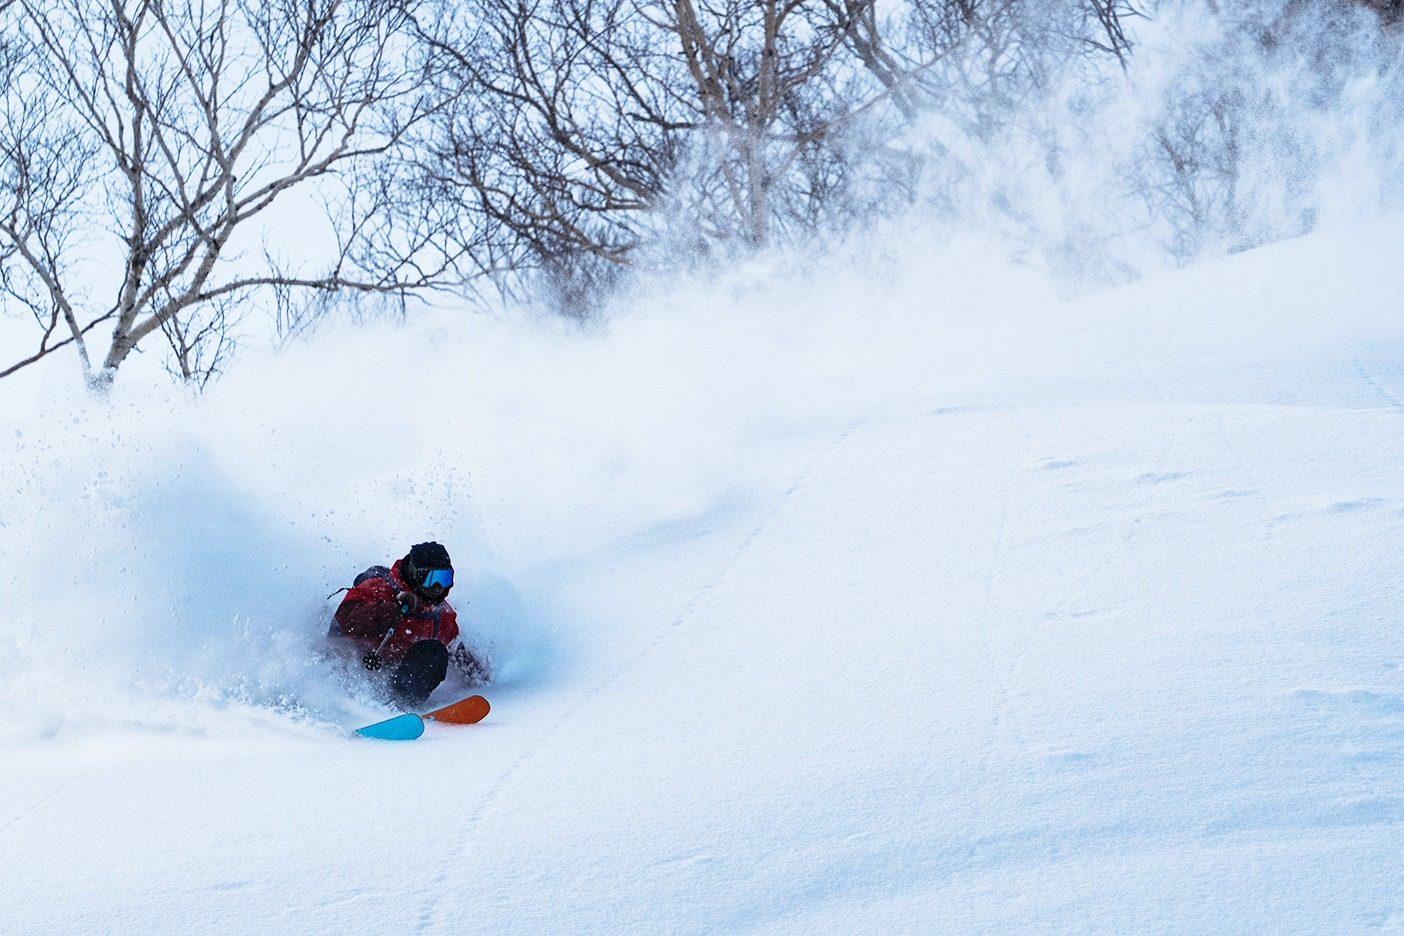 スキー・アンバサダー 古瀬 和哉、白馬にて。写真:伊藤 剛  ベースレイヤー:キャプリーン・ミッドウェイト・ジップネック  ミッドレイヤー:ナノエア・ジャケット  アウターシェル:フーディニ・ジャケット